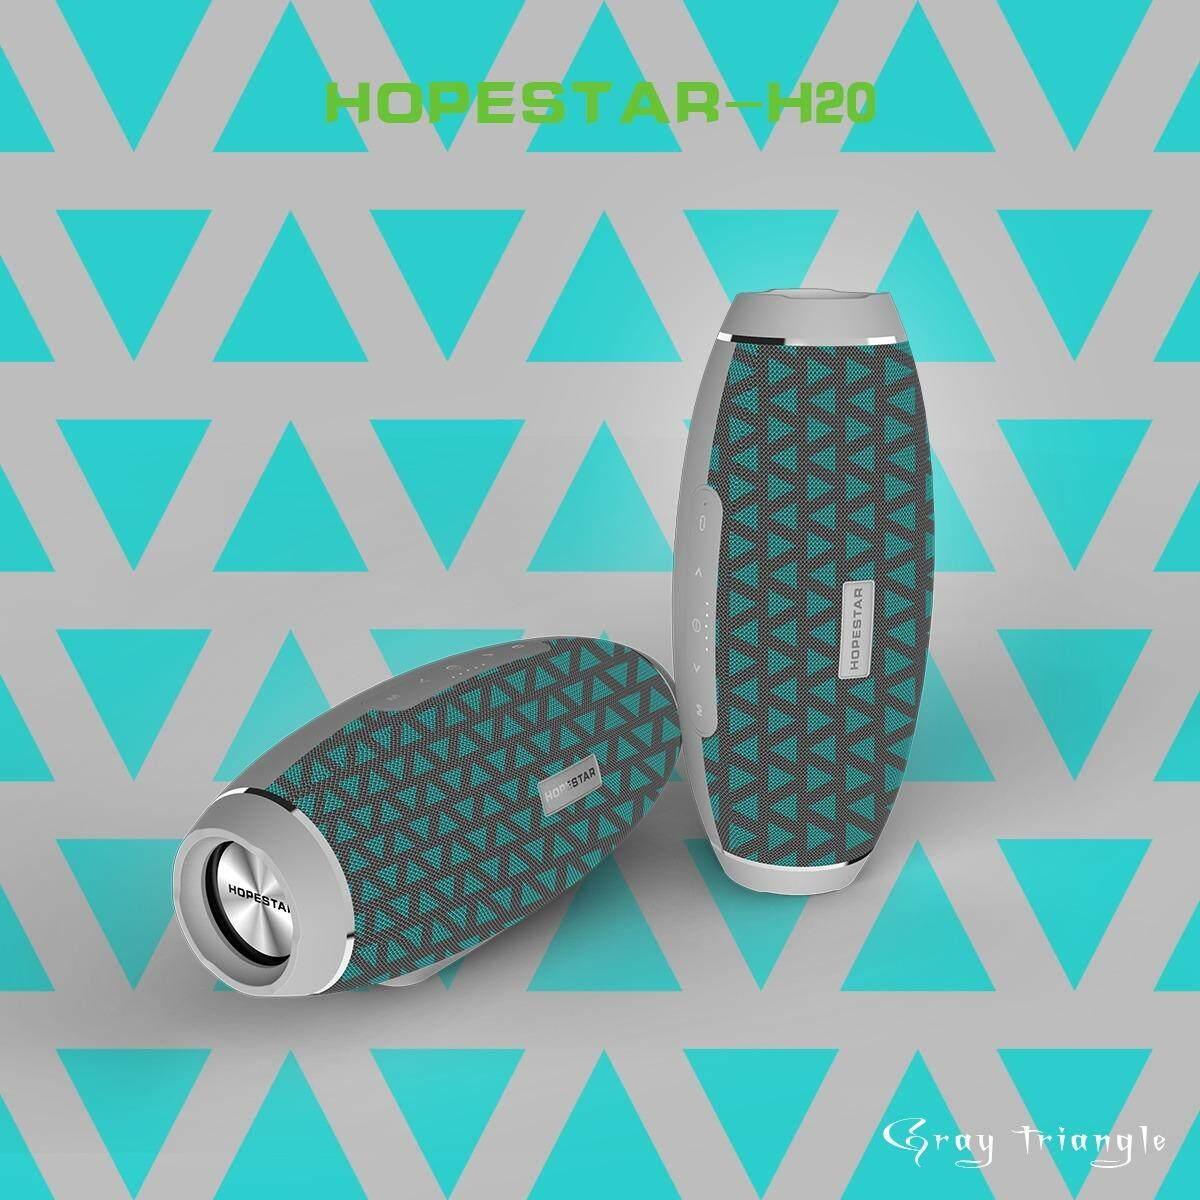 ราคา Hopestar H20 Bluetooth Speaker สีขาว แท้100 กรุงเทพมหานคร